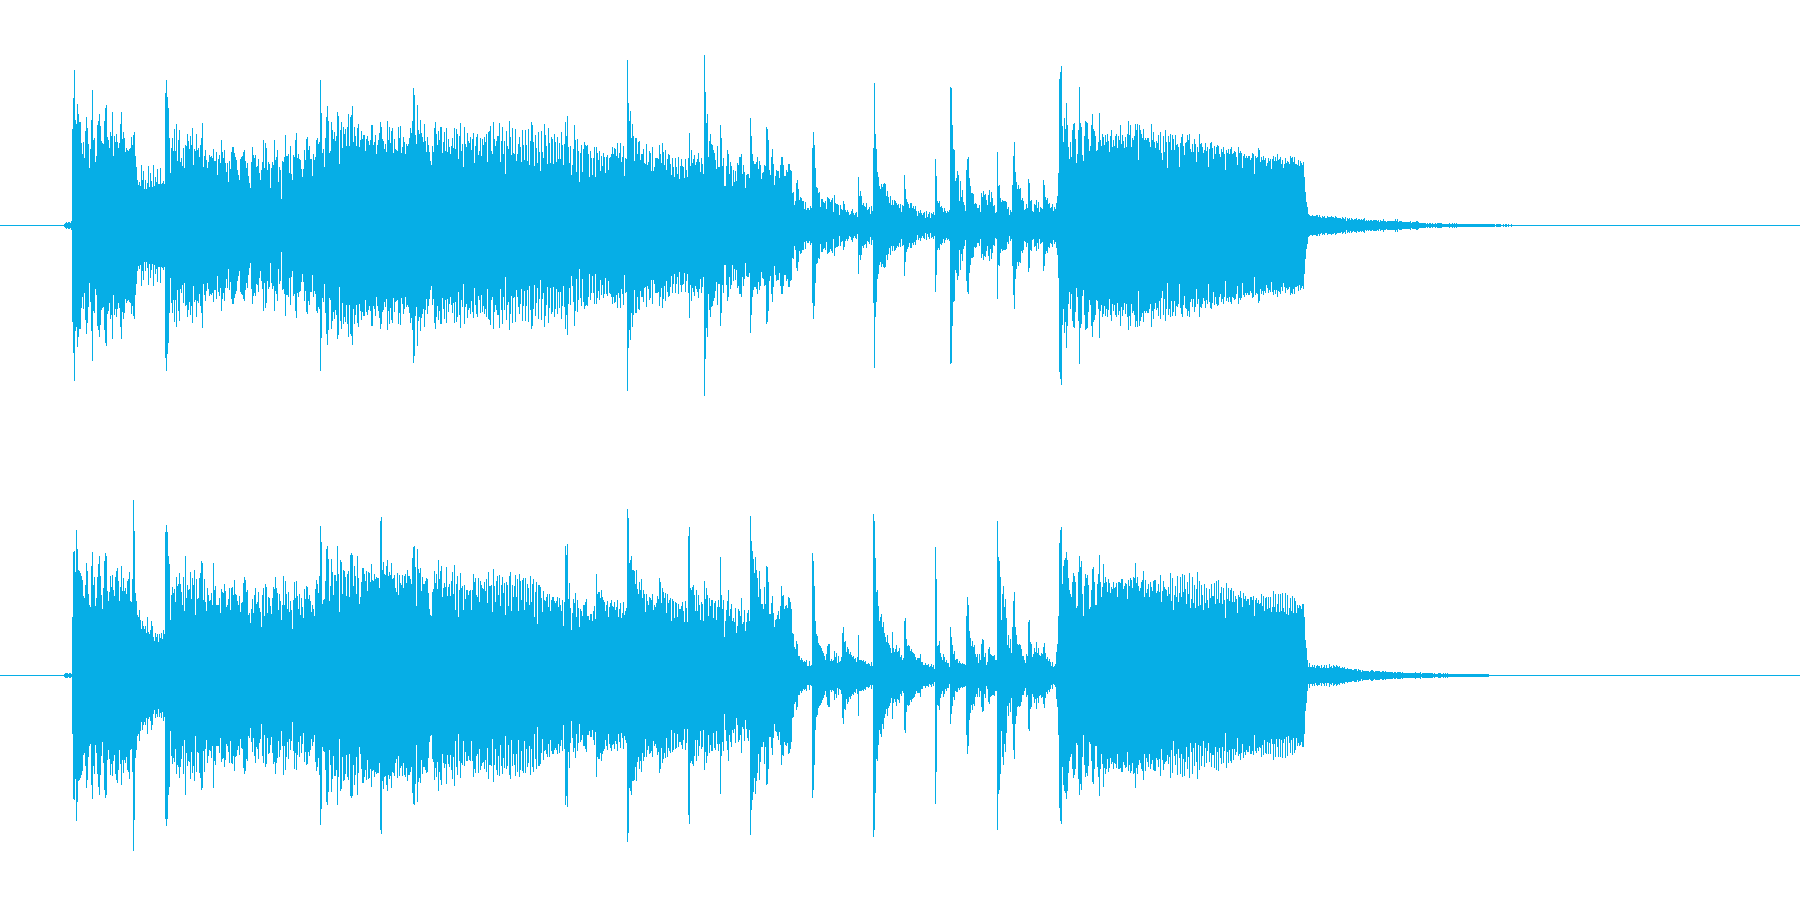 バンド演奏のジングル曲、サウンドロゴの再生済みの波形